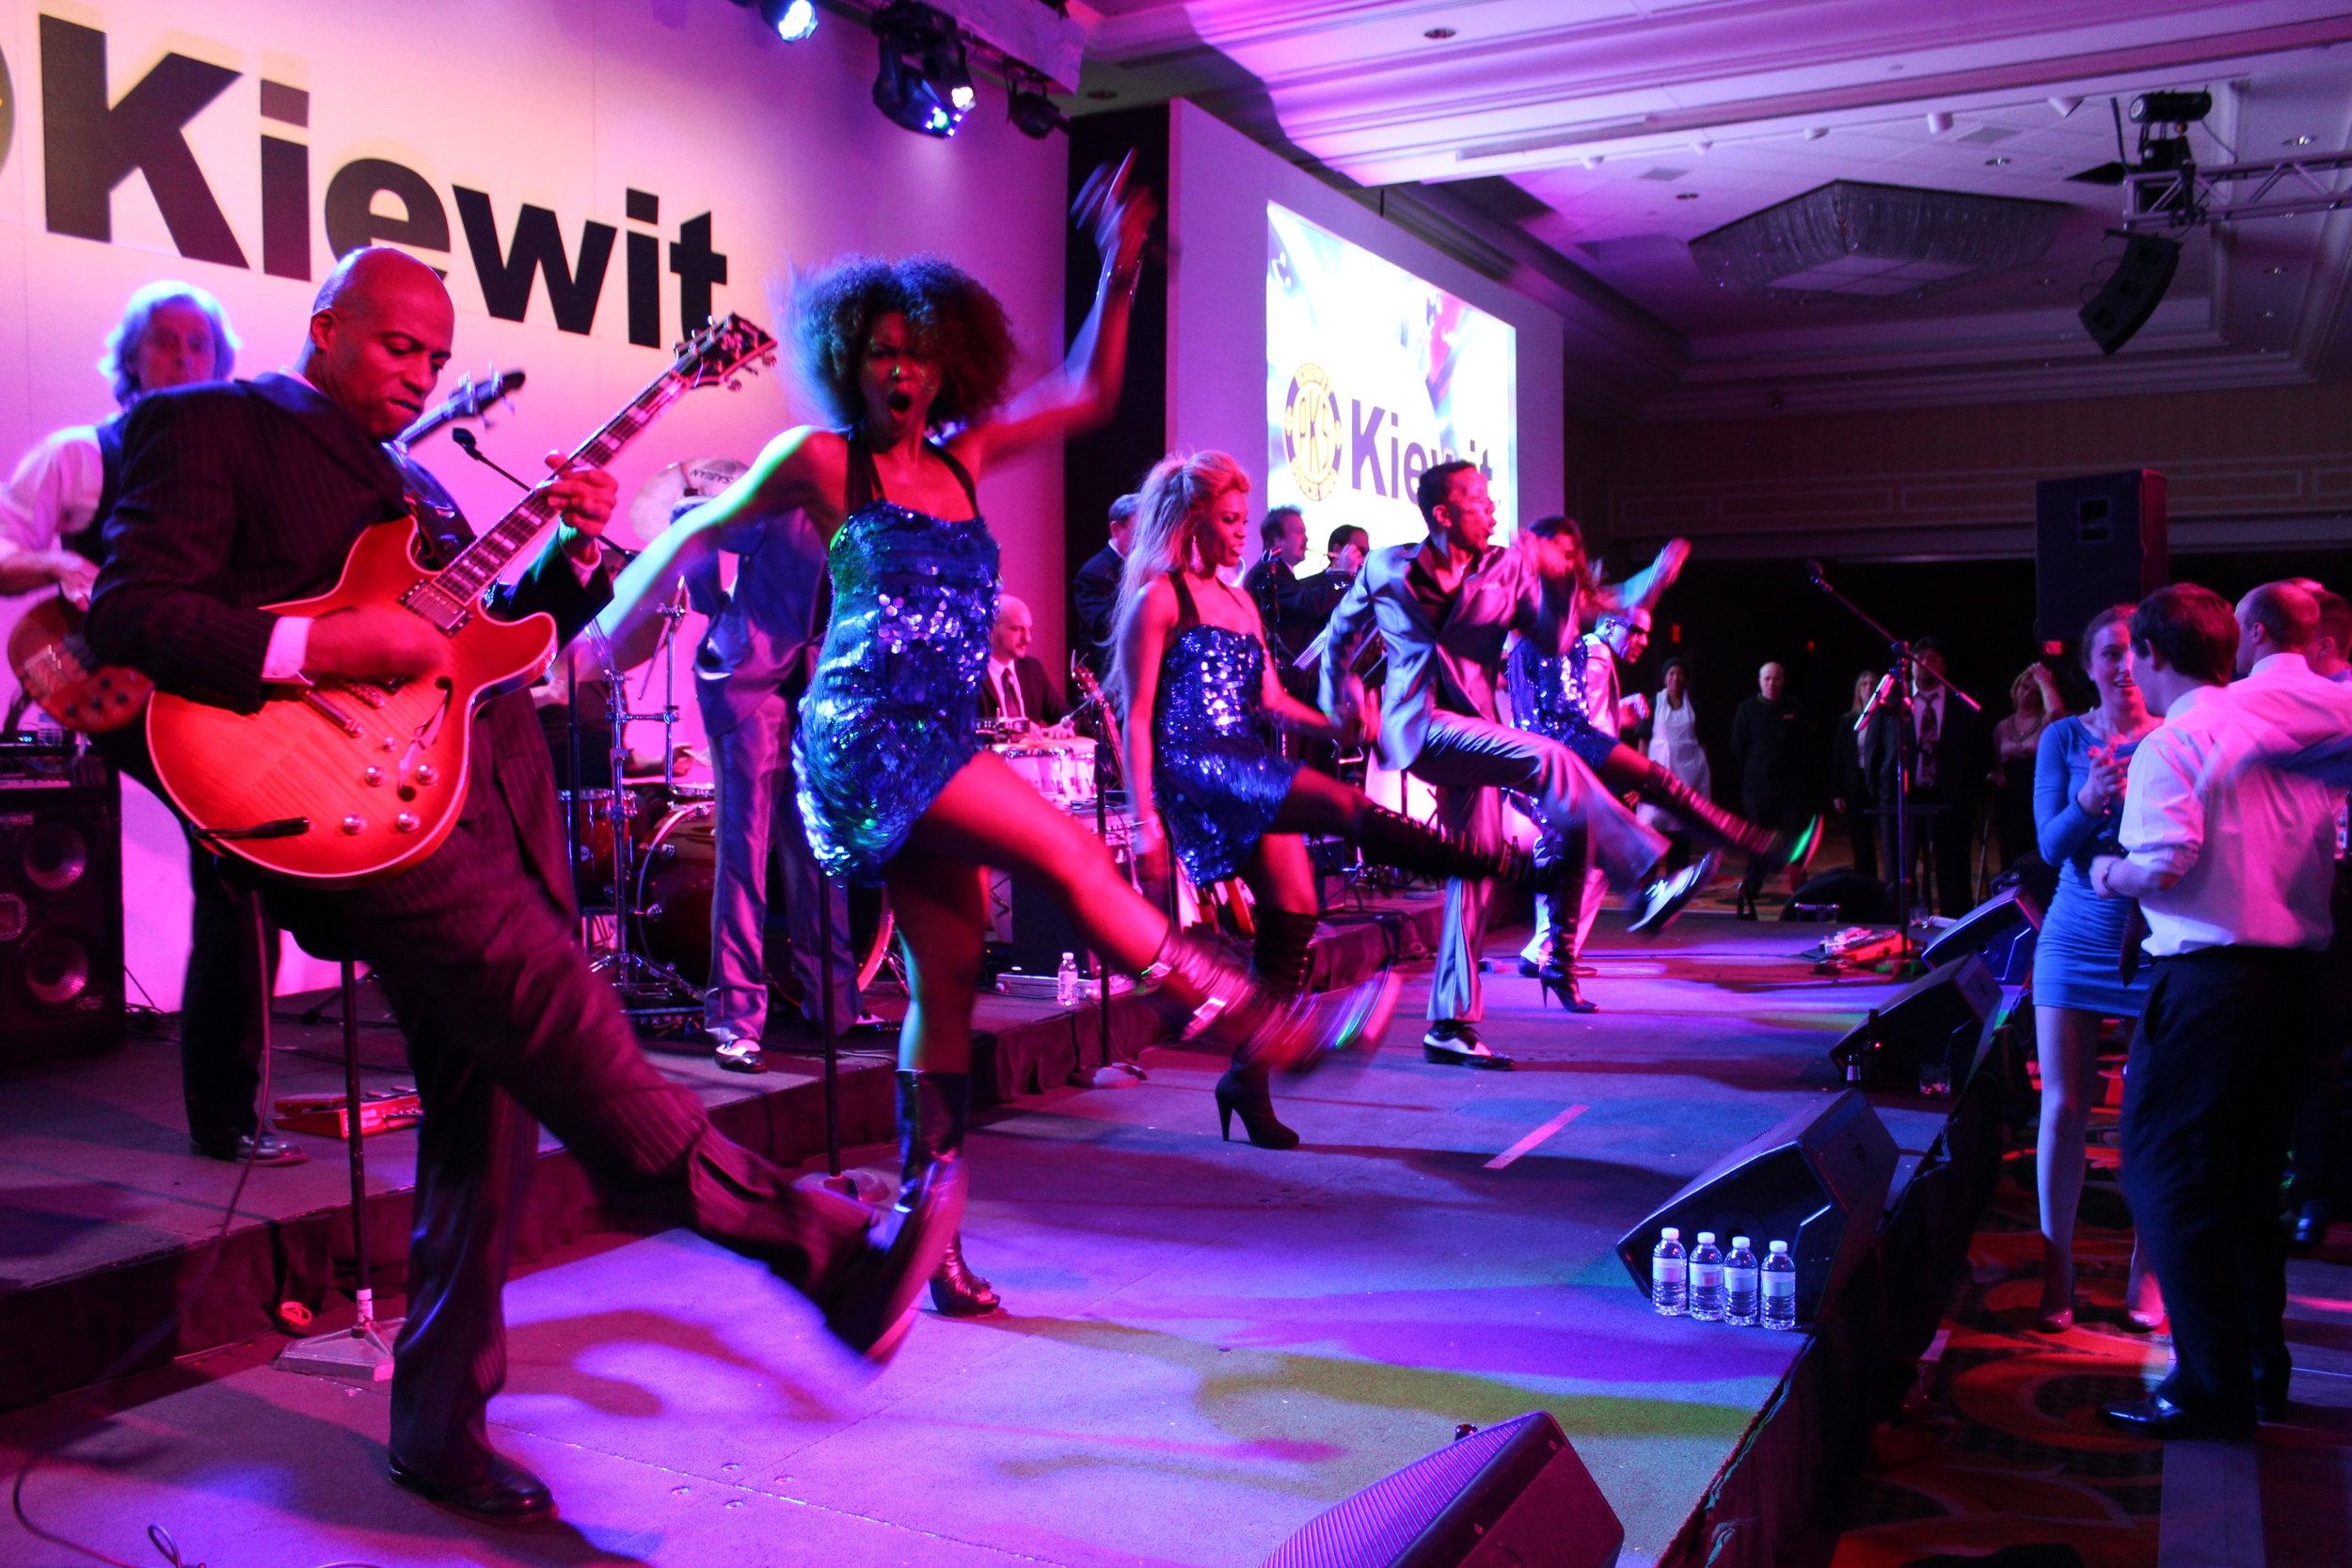 Kickin At Kiewit!.JPG